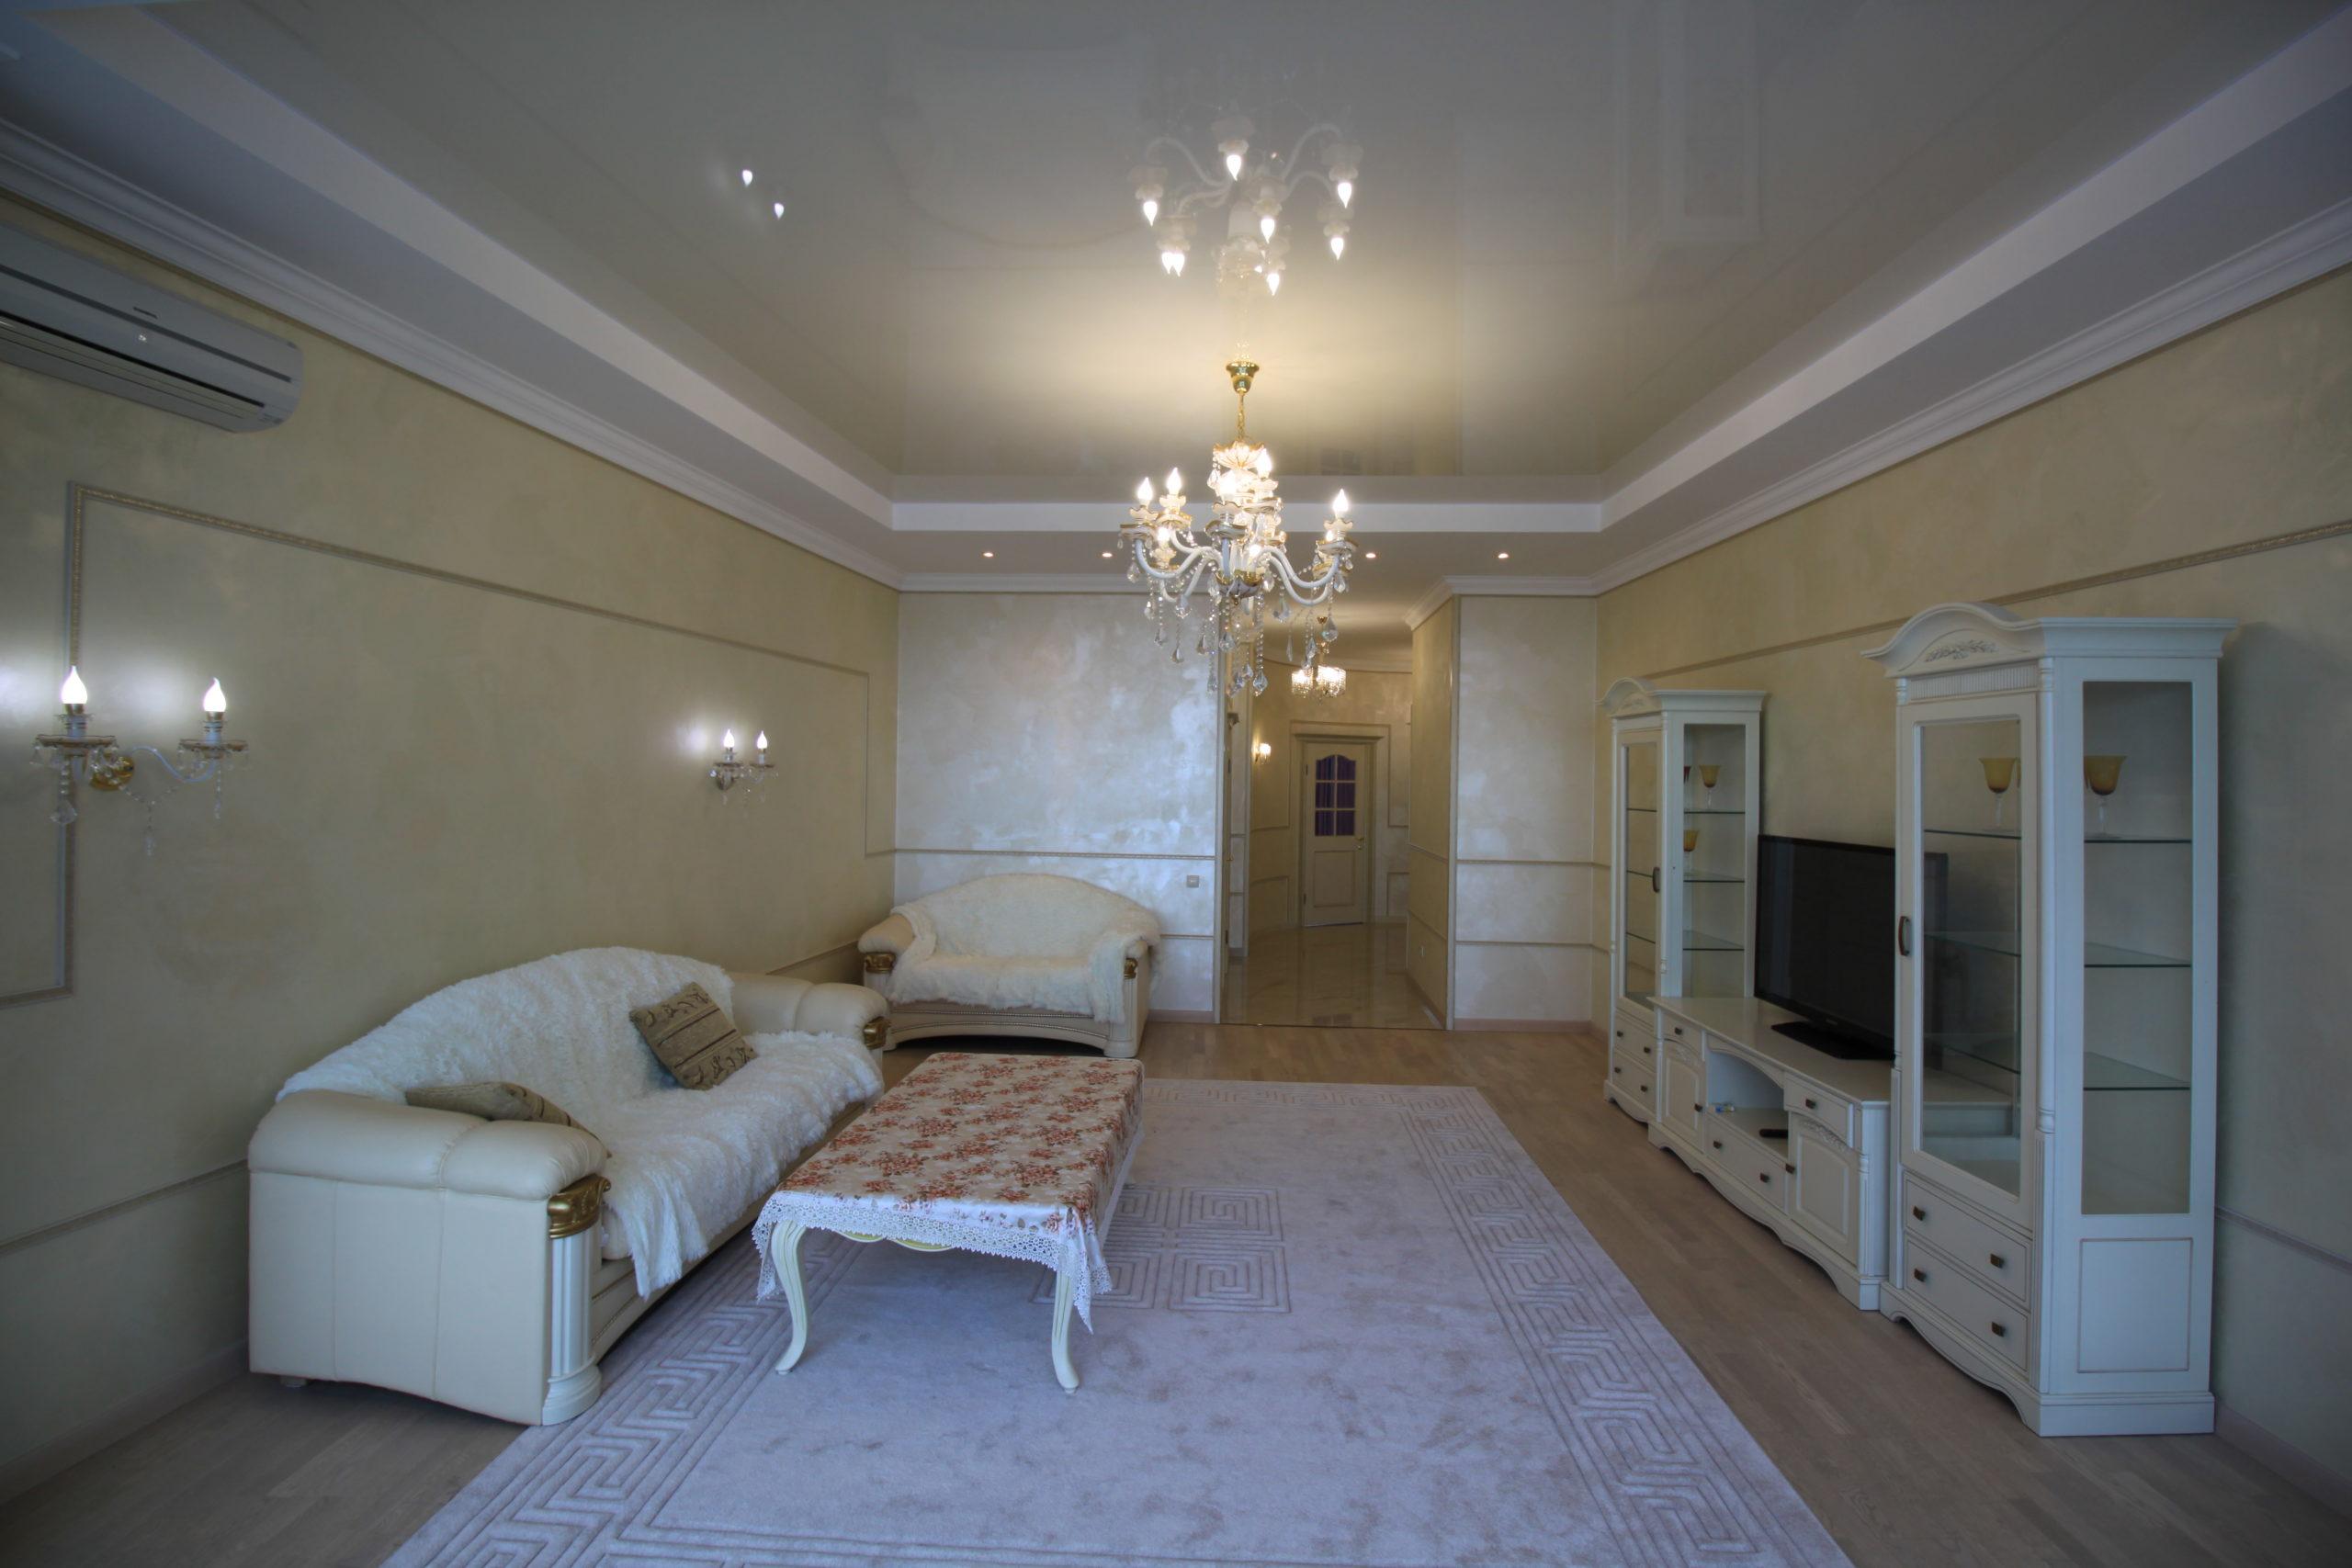 Квартира в Гурзуфе 5